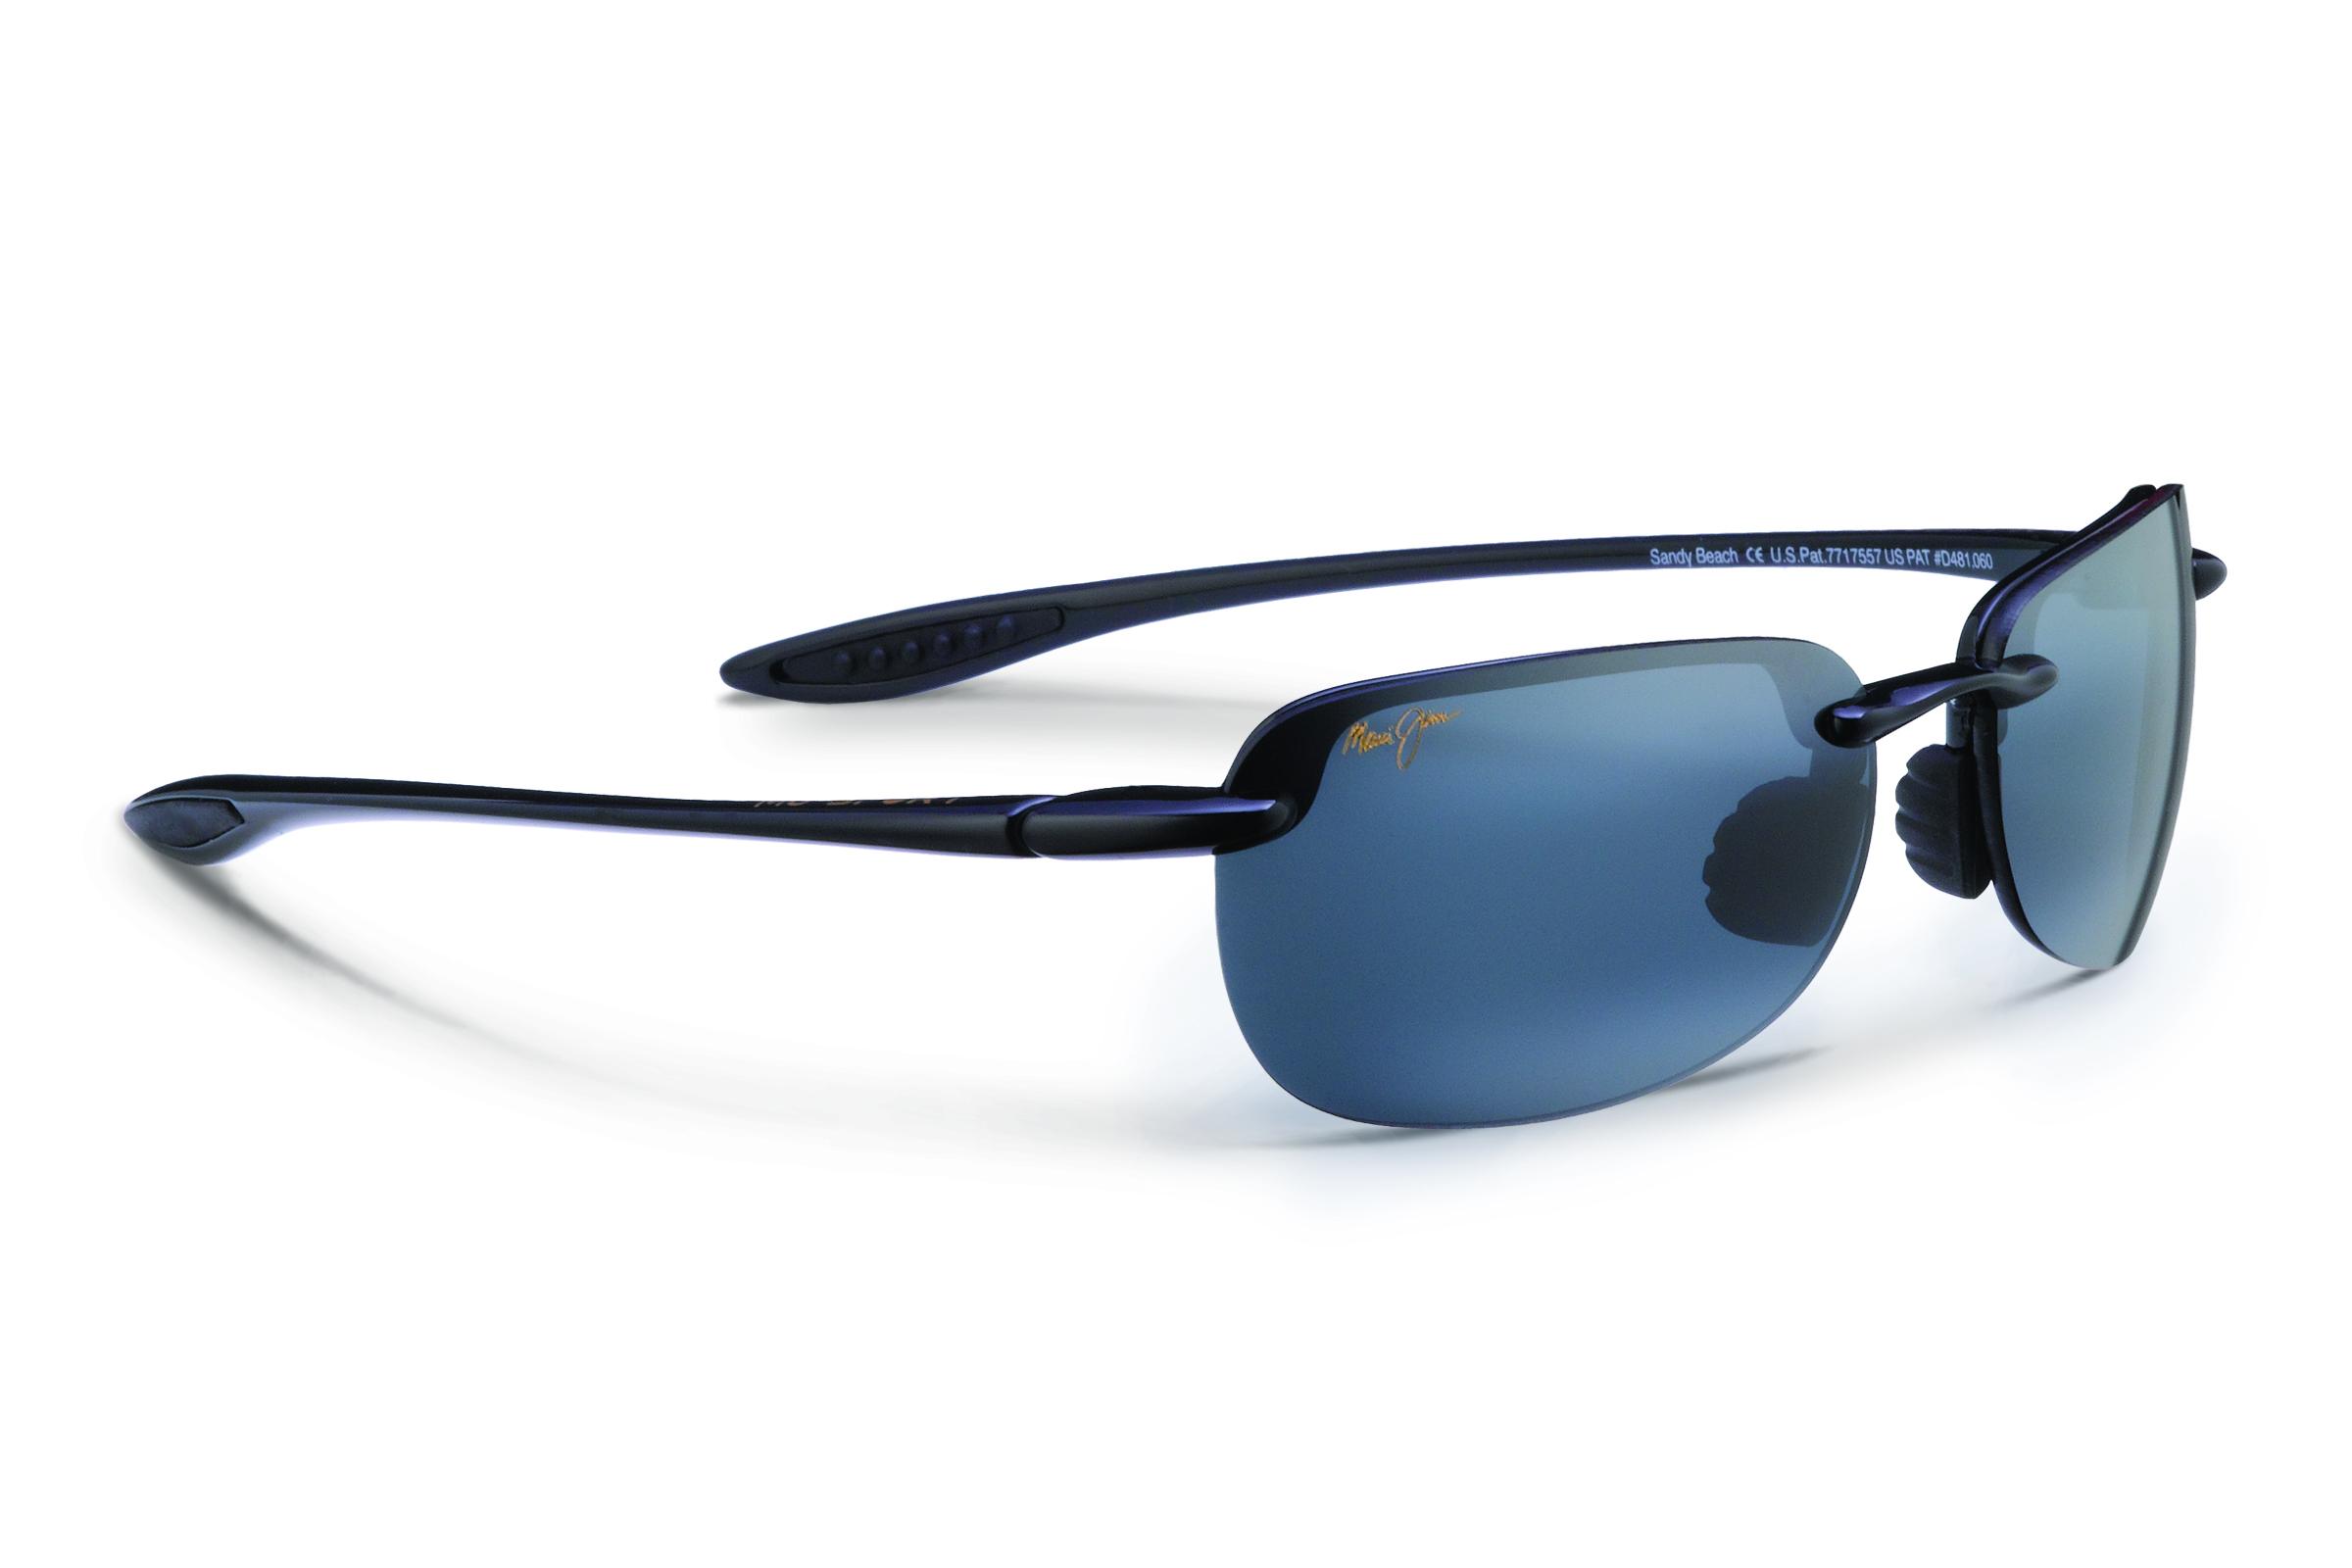 bee65a1fd16aa Maui Jim Sandy Beach Sunglasses